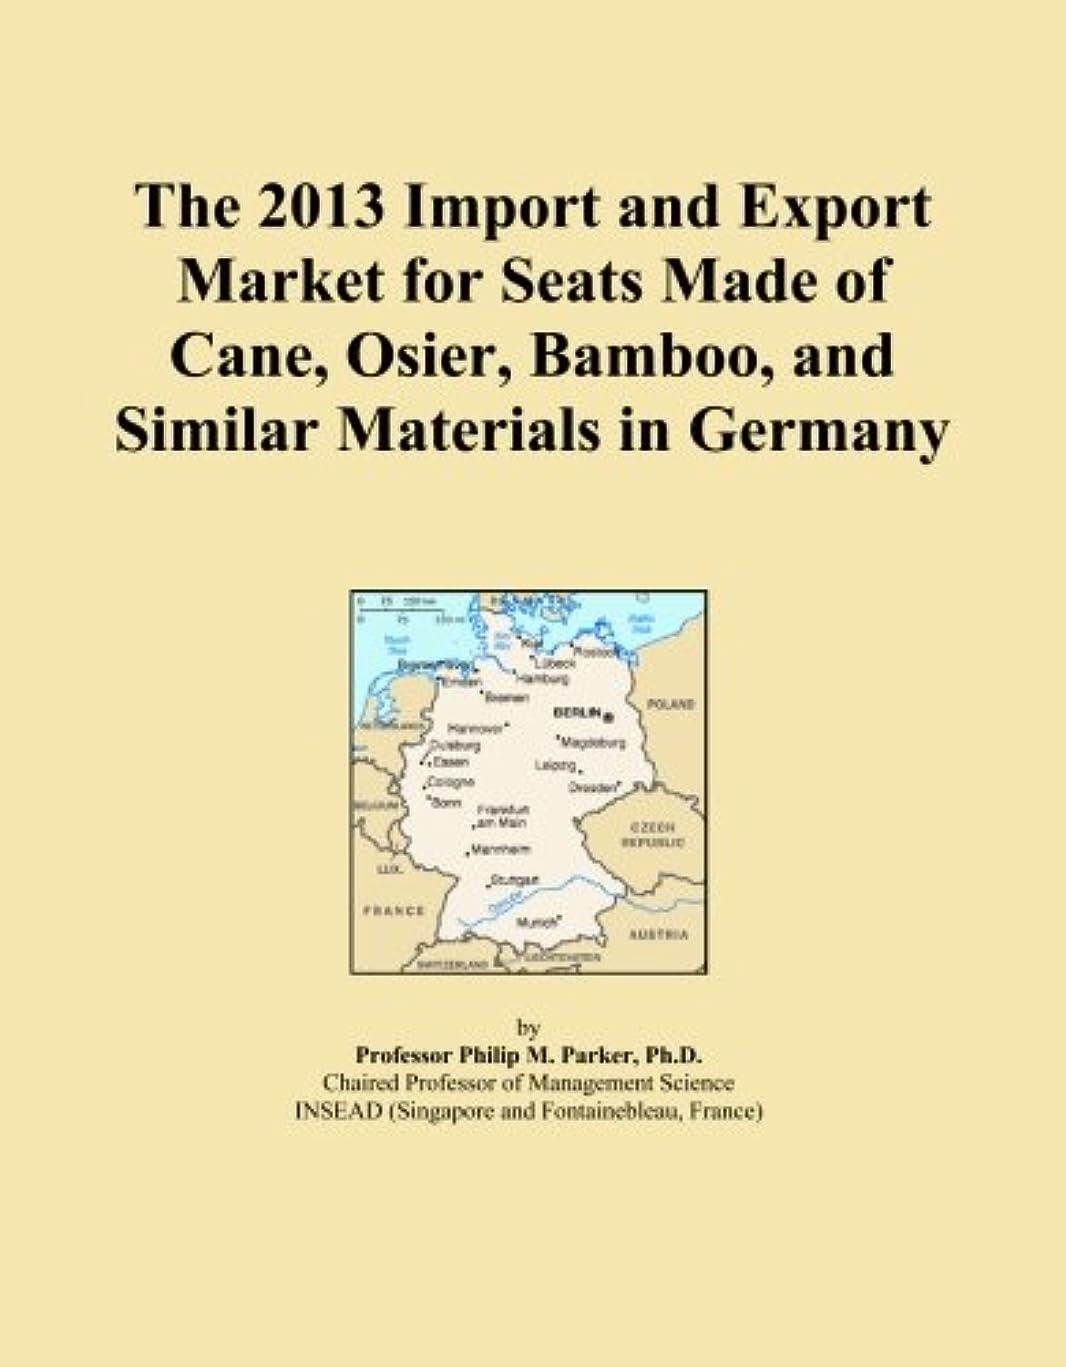 遵守するチャット溶岩The 2013 Import and Export Market for Seats Made of Cane, Osier, Bamboo, and Similar Materials in Germany